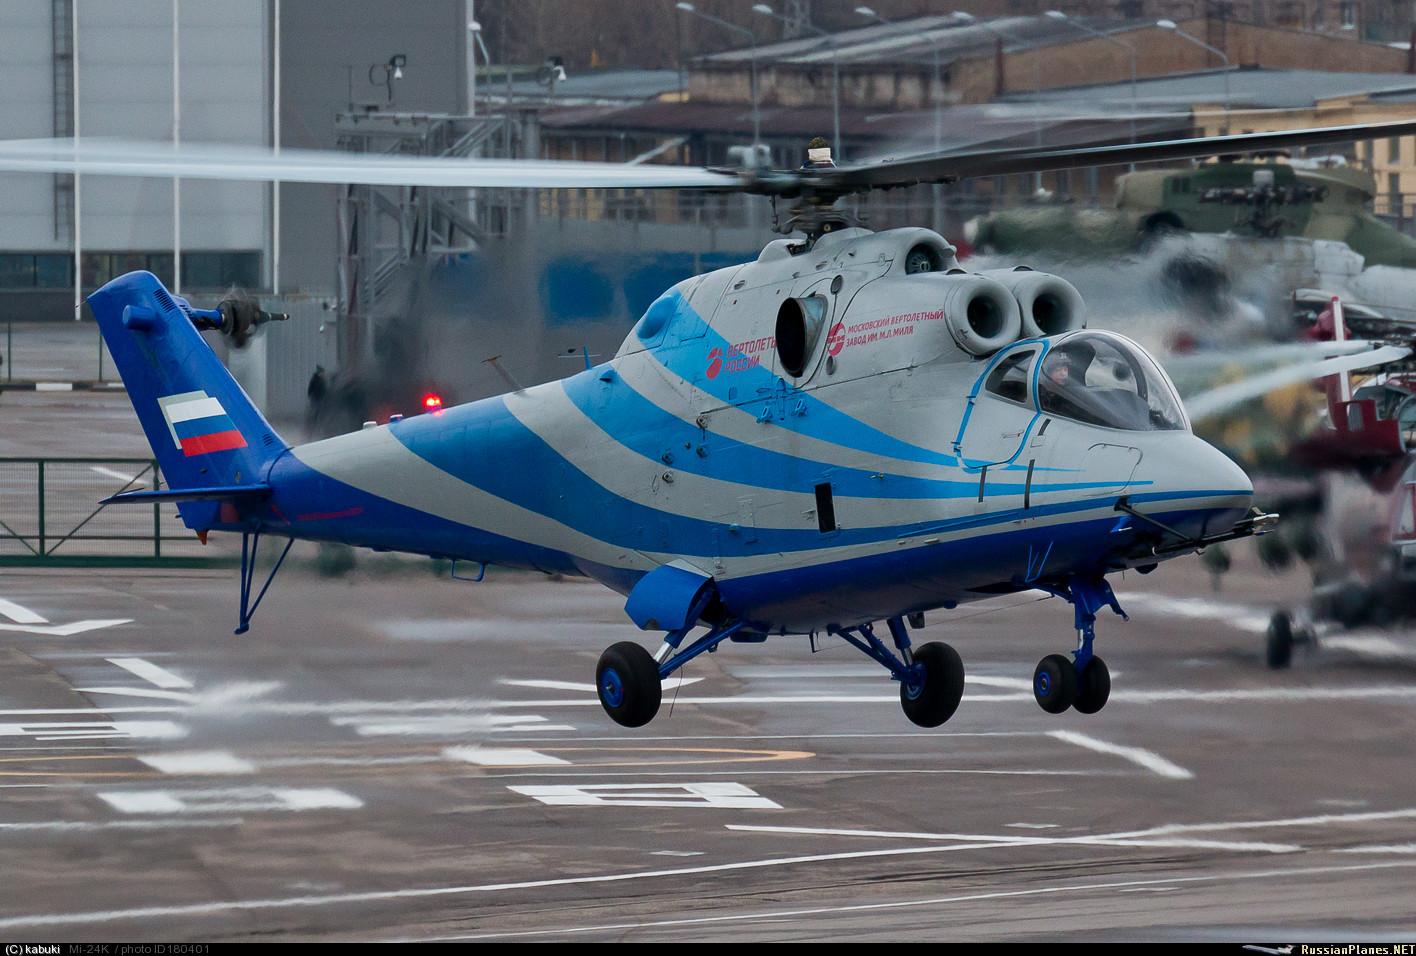 Первый полет летающей лаборатории скоростного вертолета на базе Ми-24